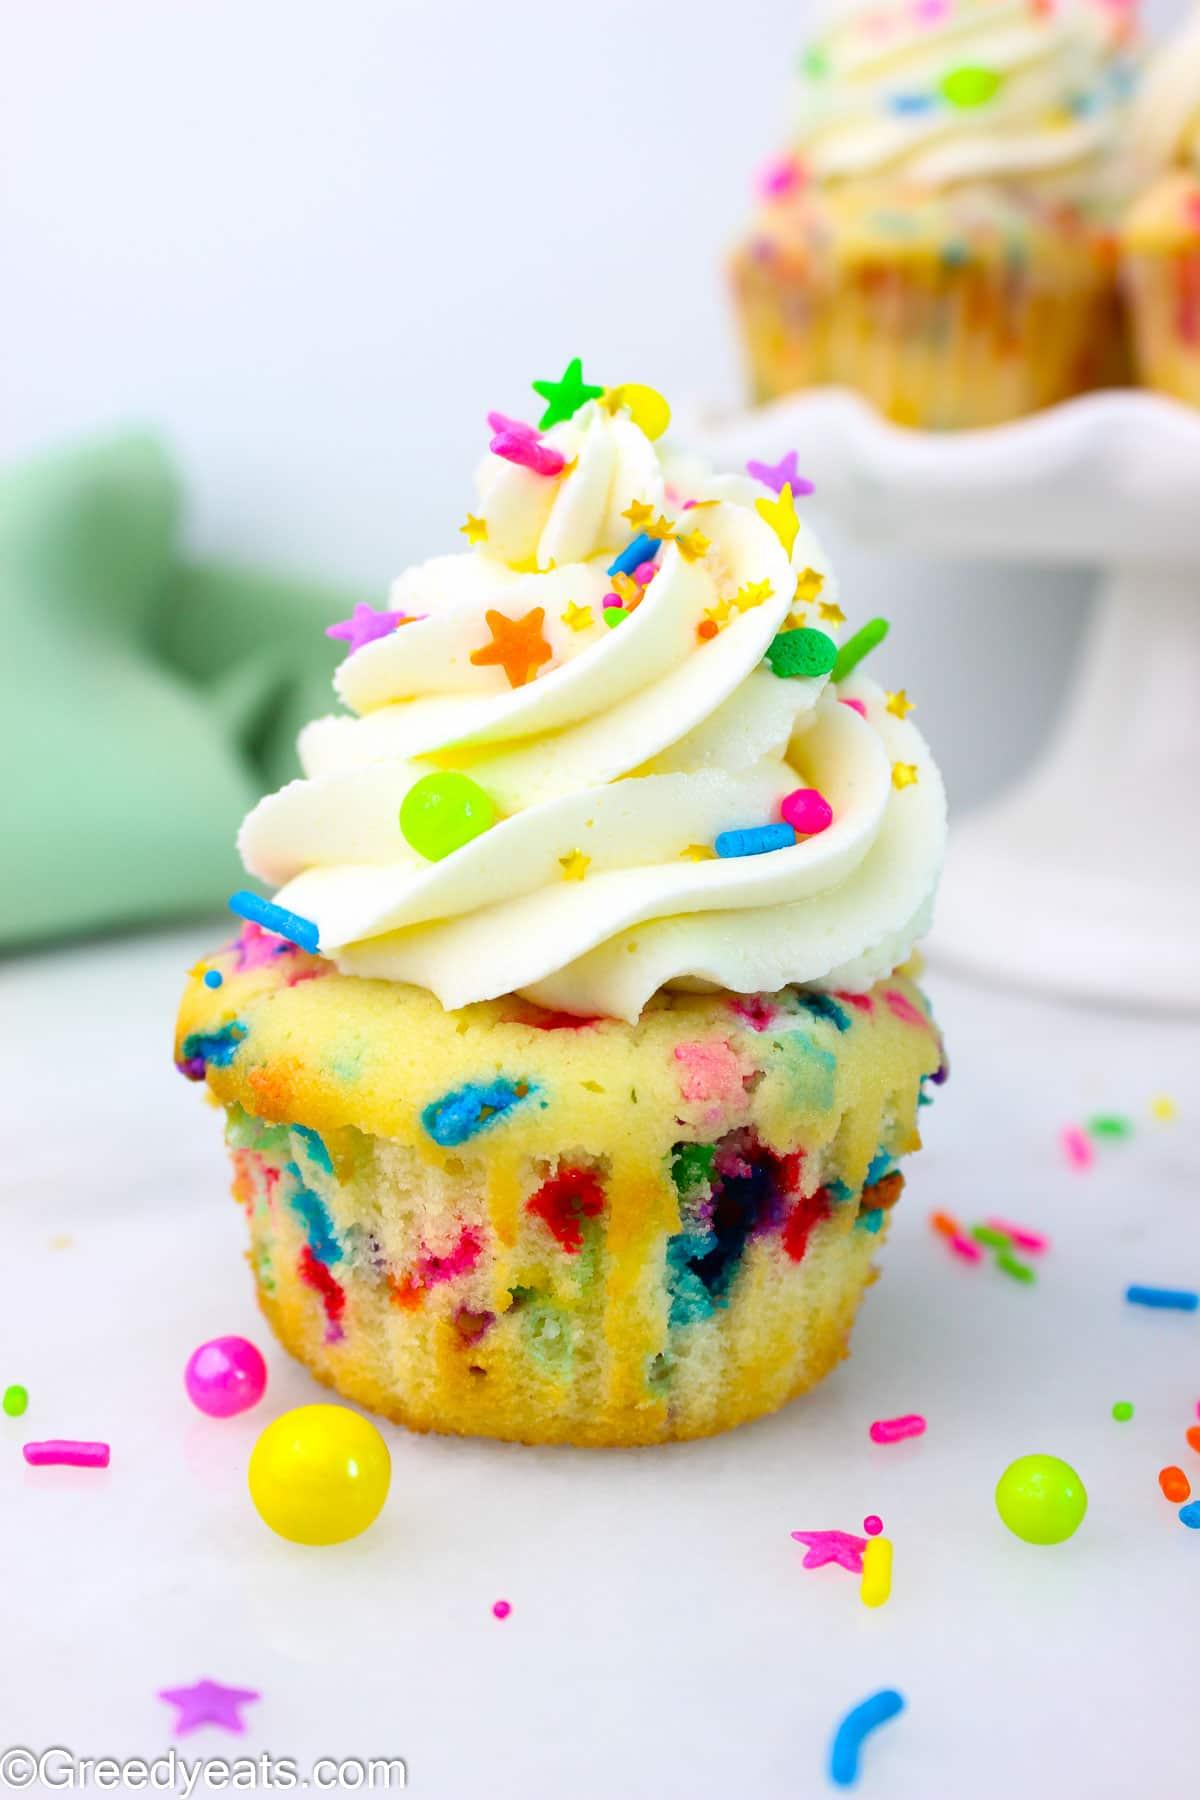 Confetti Cupcake with Creamy Vanilla Buttercream kept on a white board.